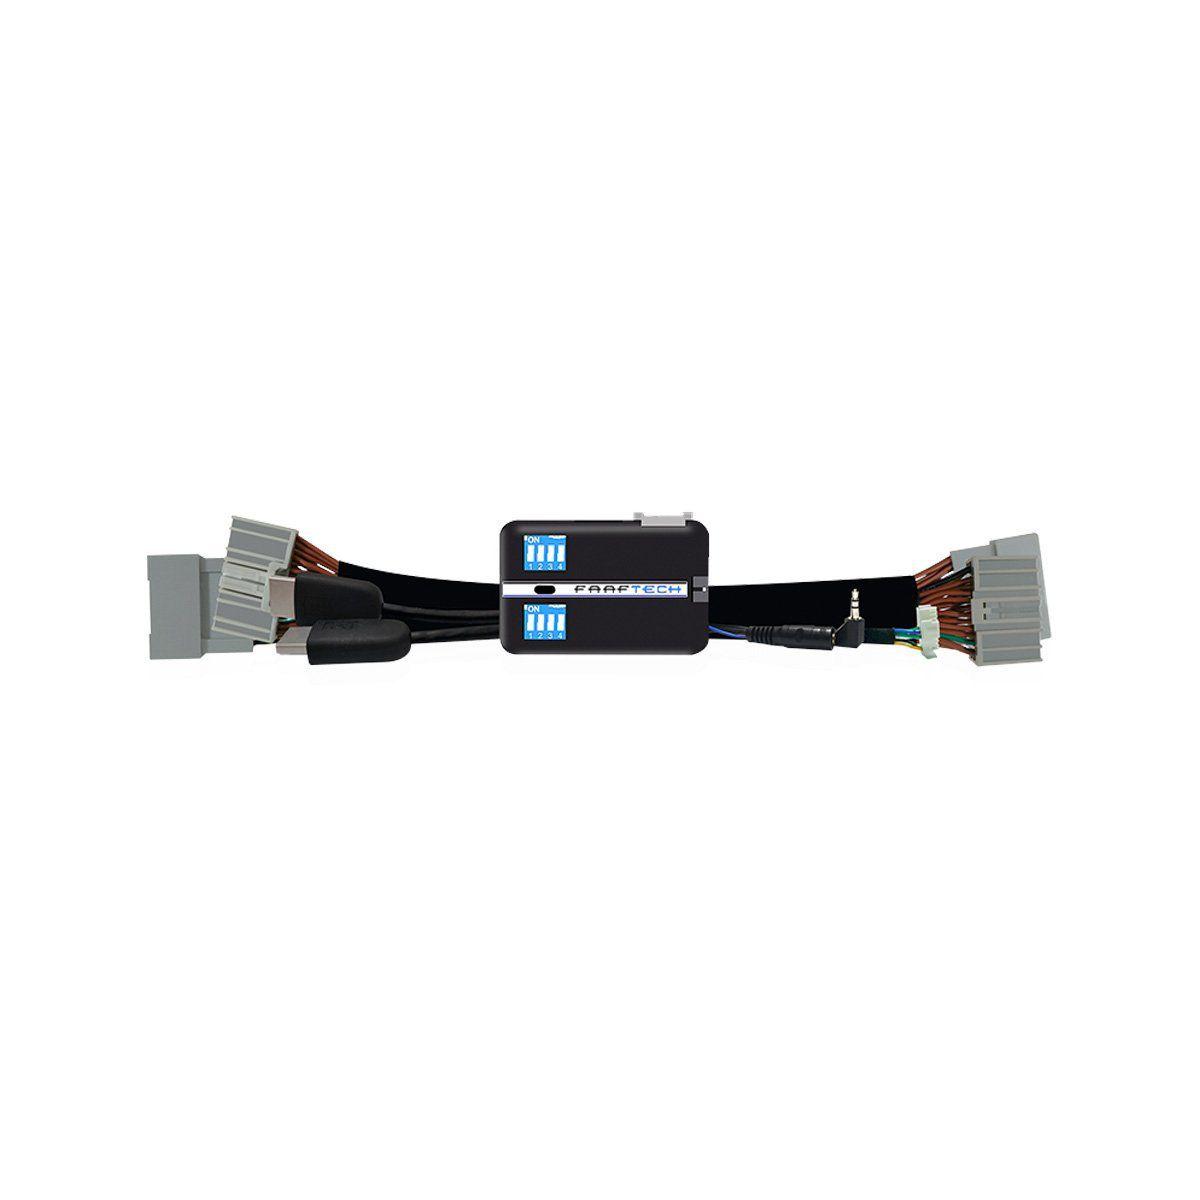 Interface Desbloqueio de Tela Civic e CR-V 2018 Faaftech FT-VF-HND2